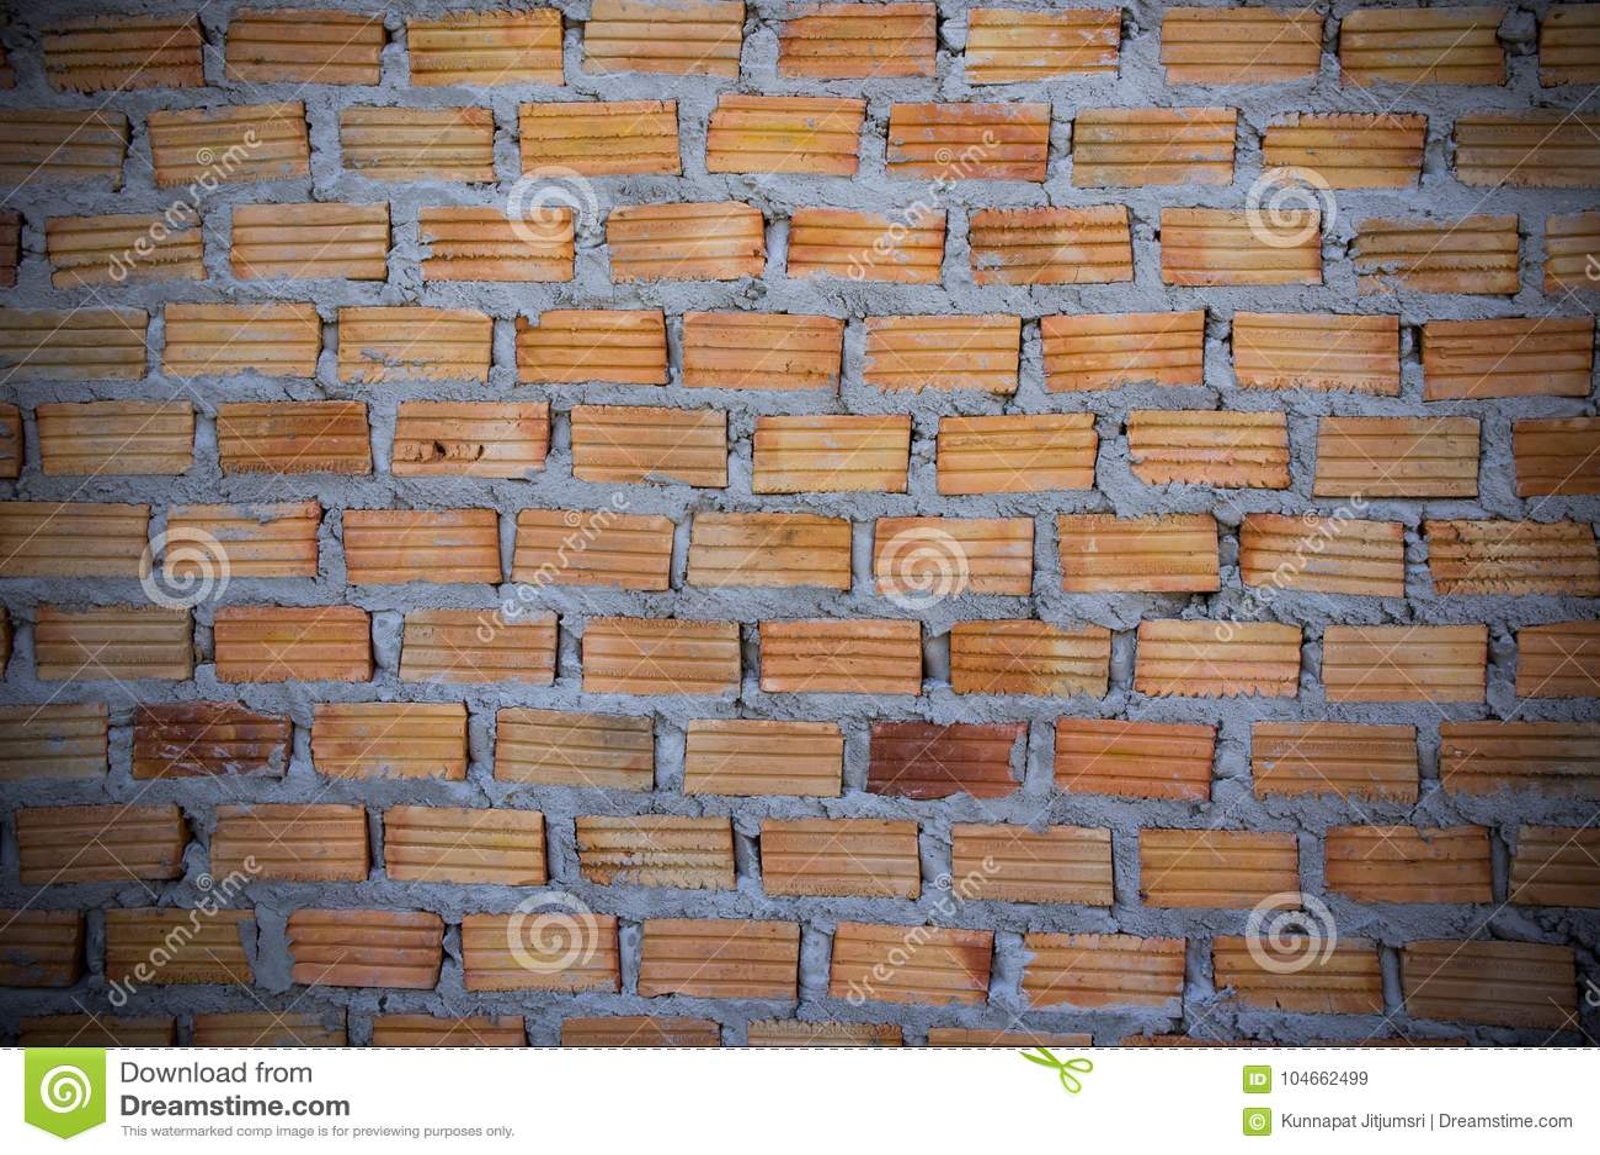 Mur En Brique Rouge brique rouge de mur de briques rouge pour construire un mur